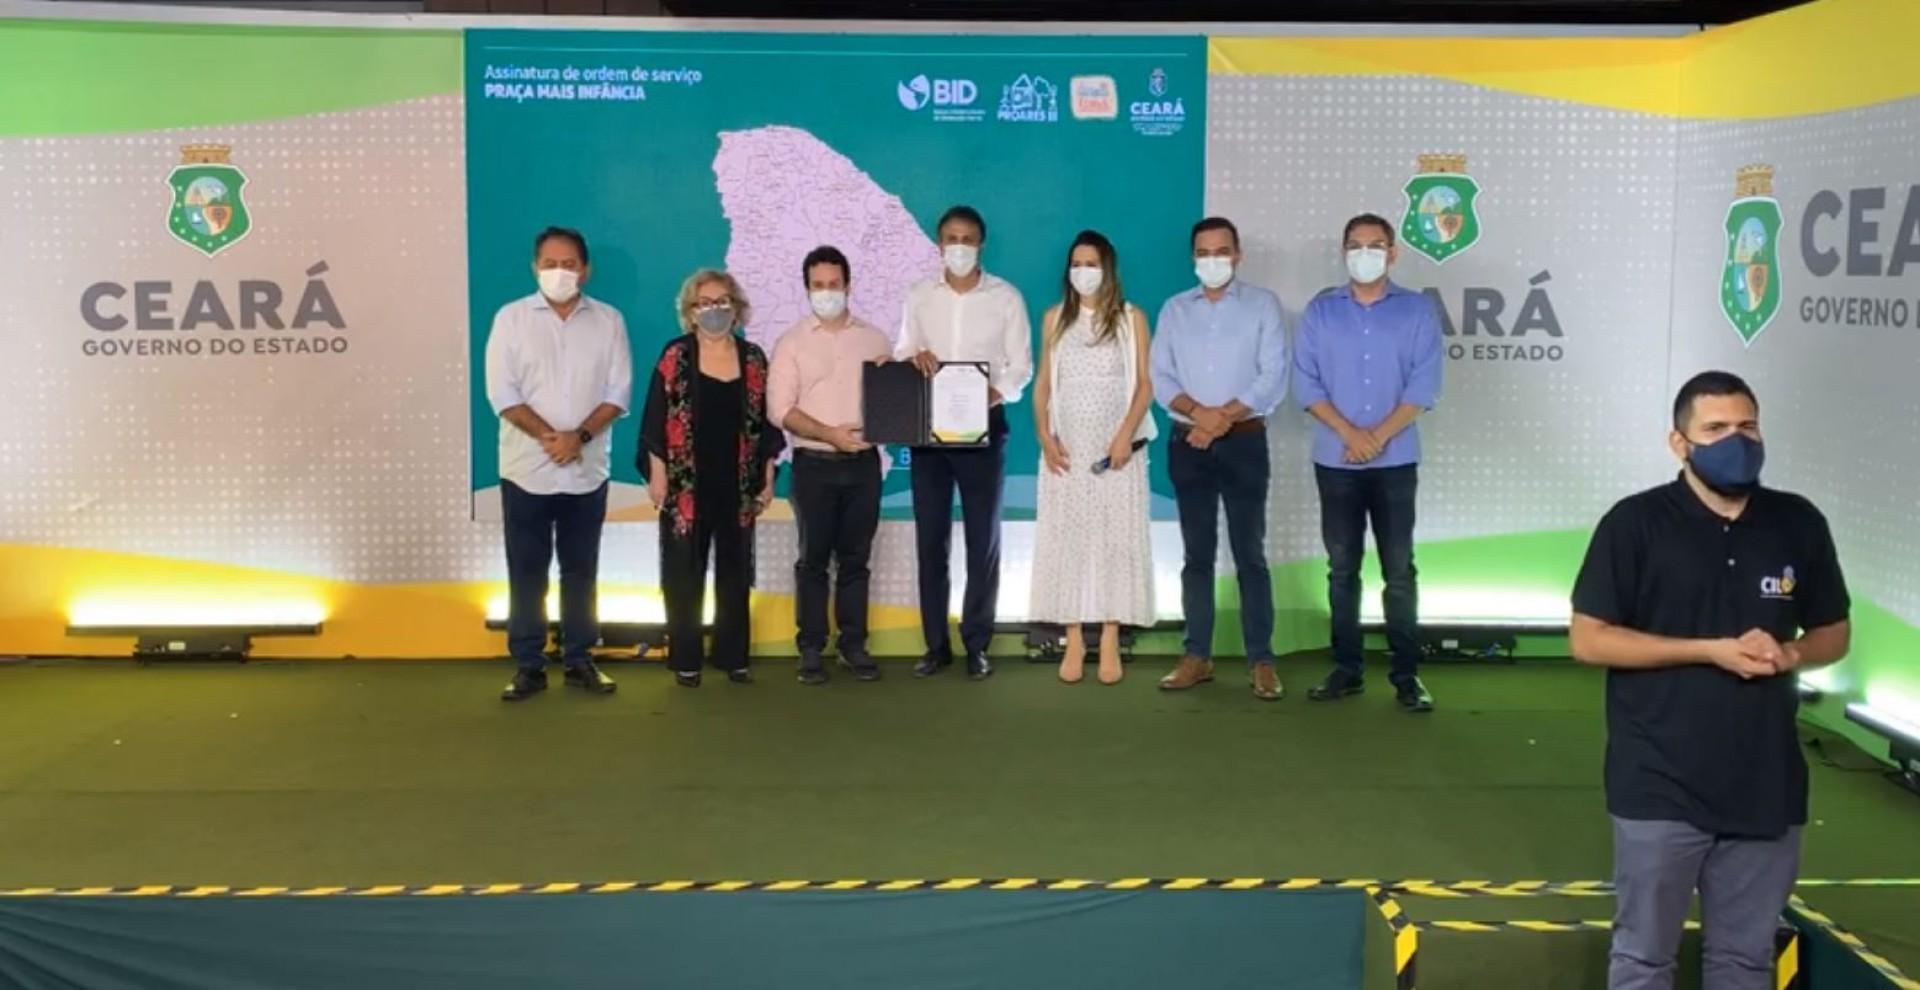 Representantes do governo estadual e dos municípios participaram do evento presencial (Foto: Reprodução/Facebook)